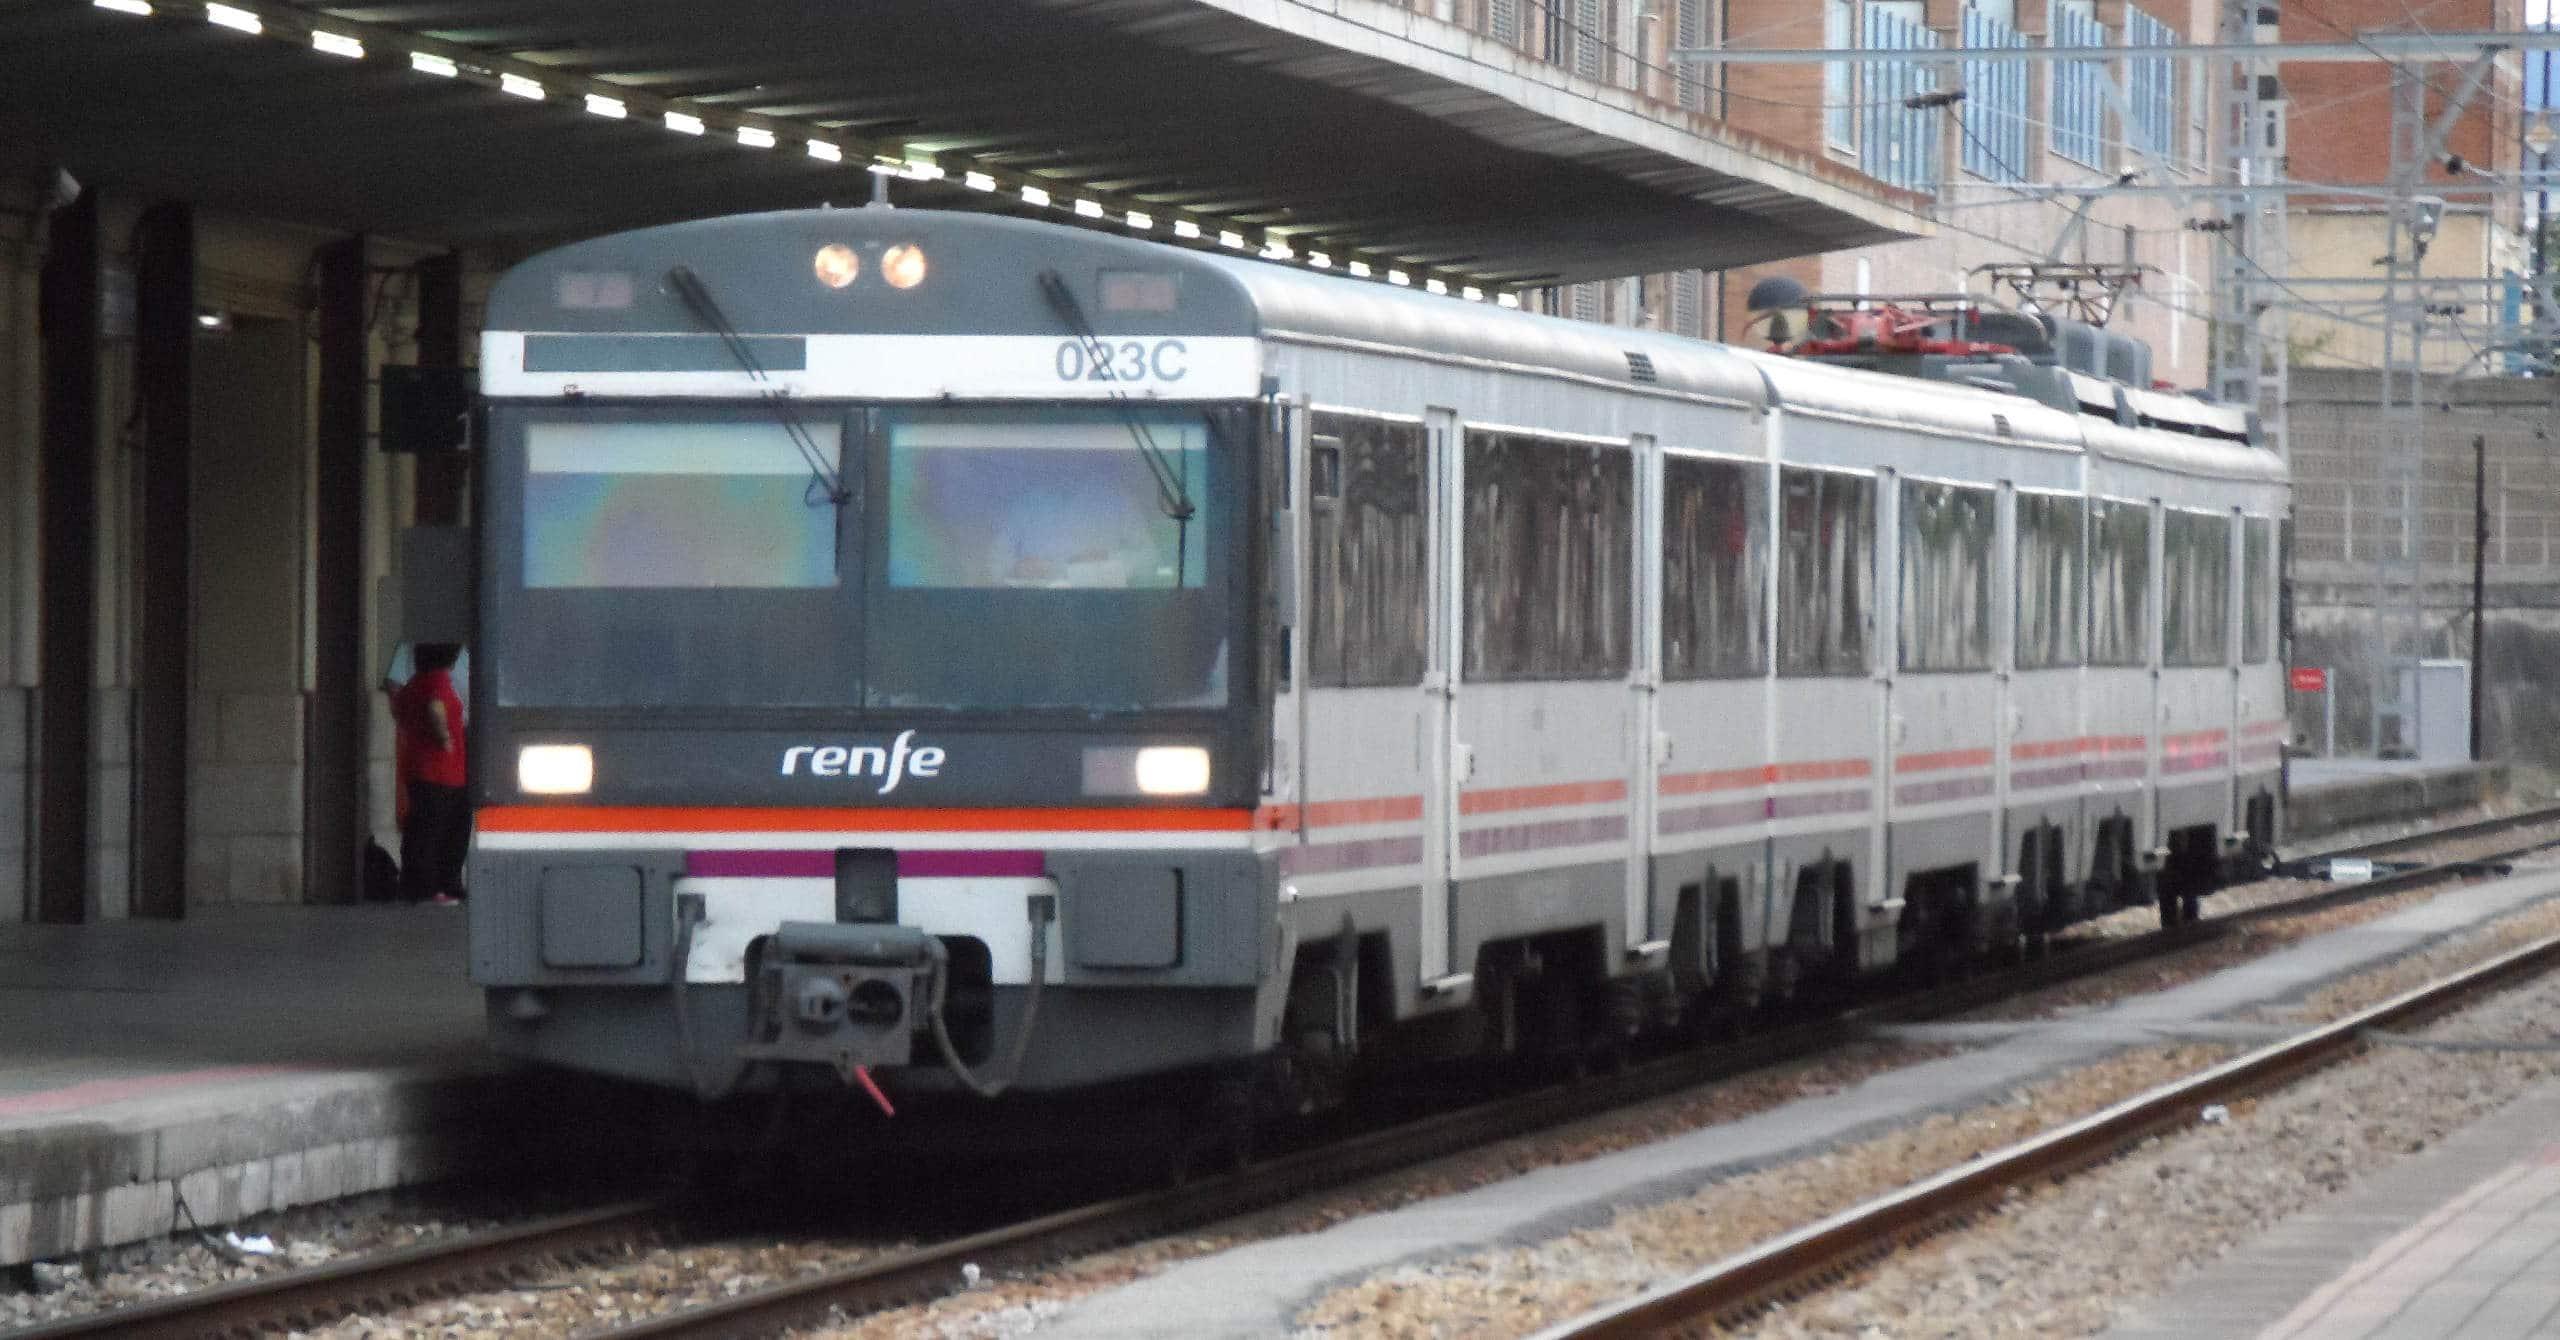 Unidad de la serie 470 de Renfe, que será retirada del servicio con la compra de los 57 trenes eléctricos nuevos.